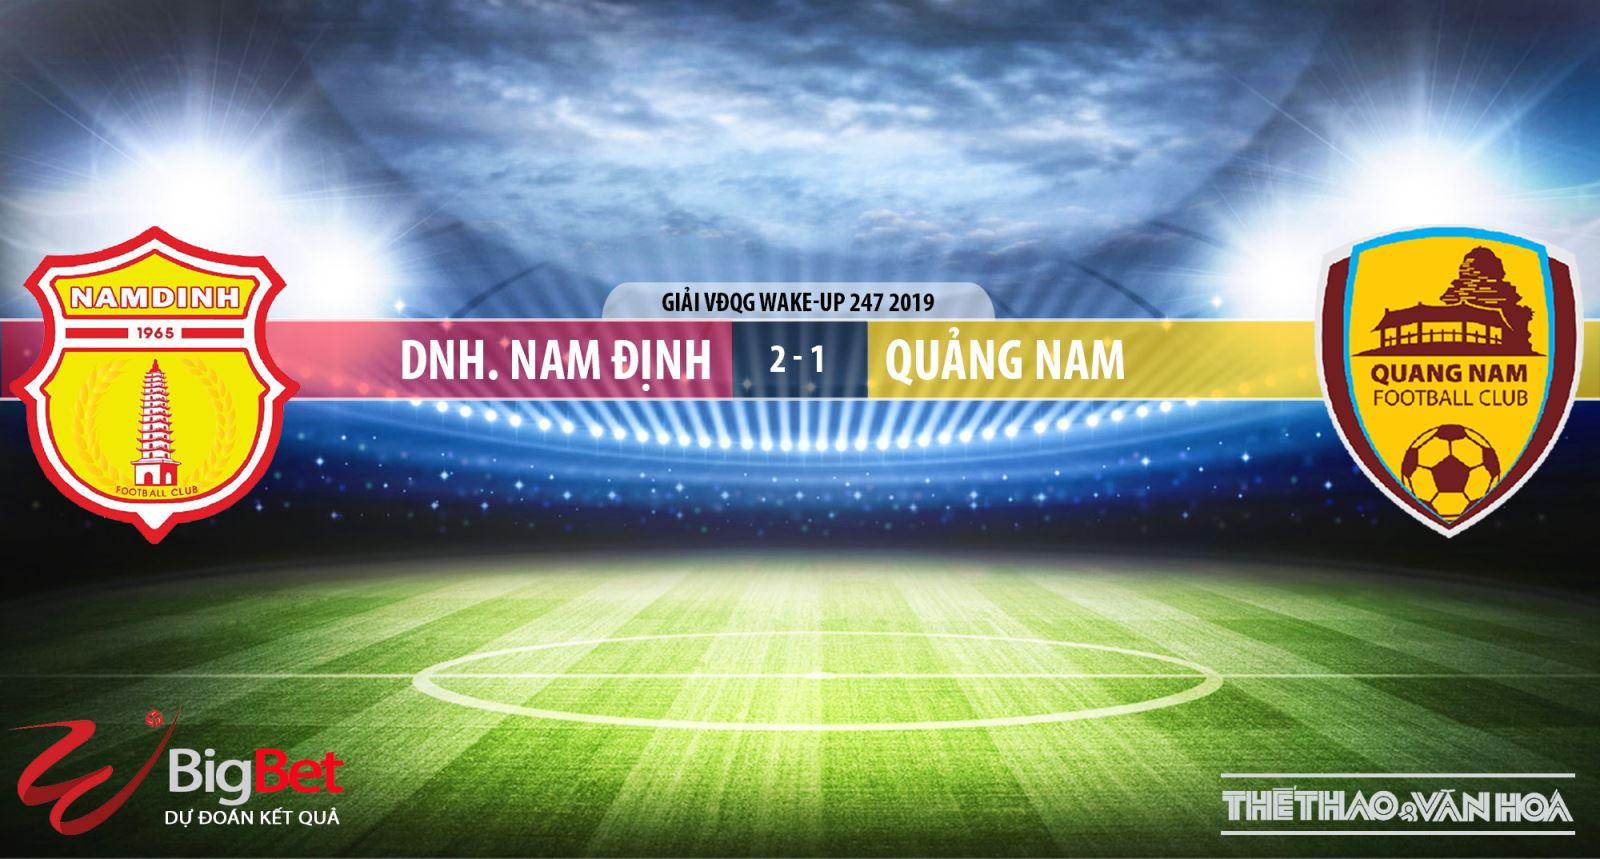 Nam Định vs Quảng Nam, trực tiếp bóng đá Nam Định vs Quảng Nam, Nam Định, Quảng Nam, xem trực tiếp bóng đá Nam Định vs Quảng Nam, nhận định Nam Định vs Quảng Nam, soi kèo Nam Định vs Quảng Nam, VTV6, VTV5, Bóng đá TV, Thể thao TV, FPT Play